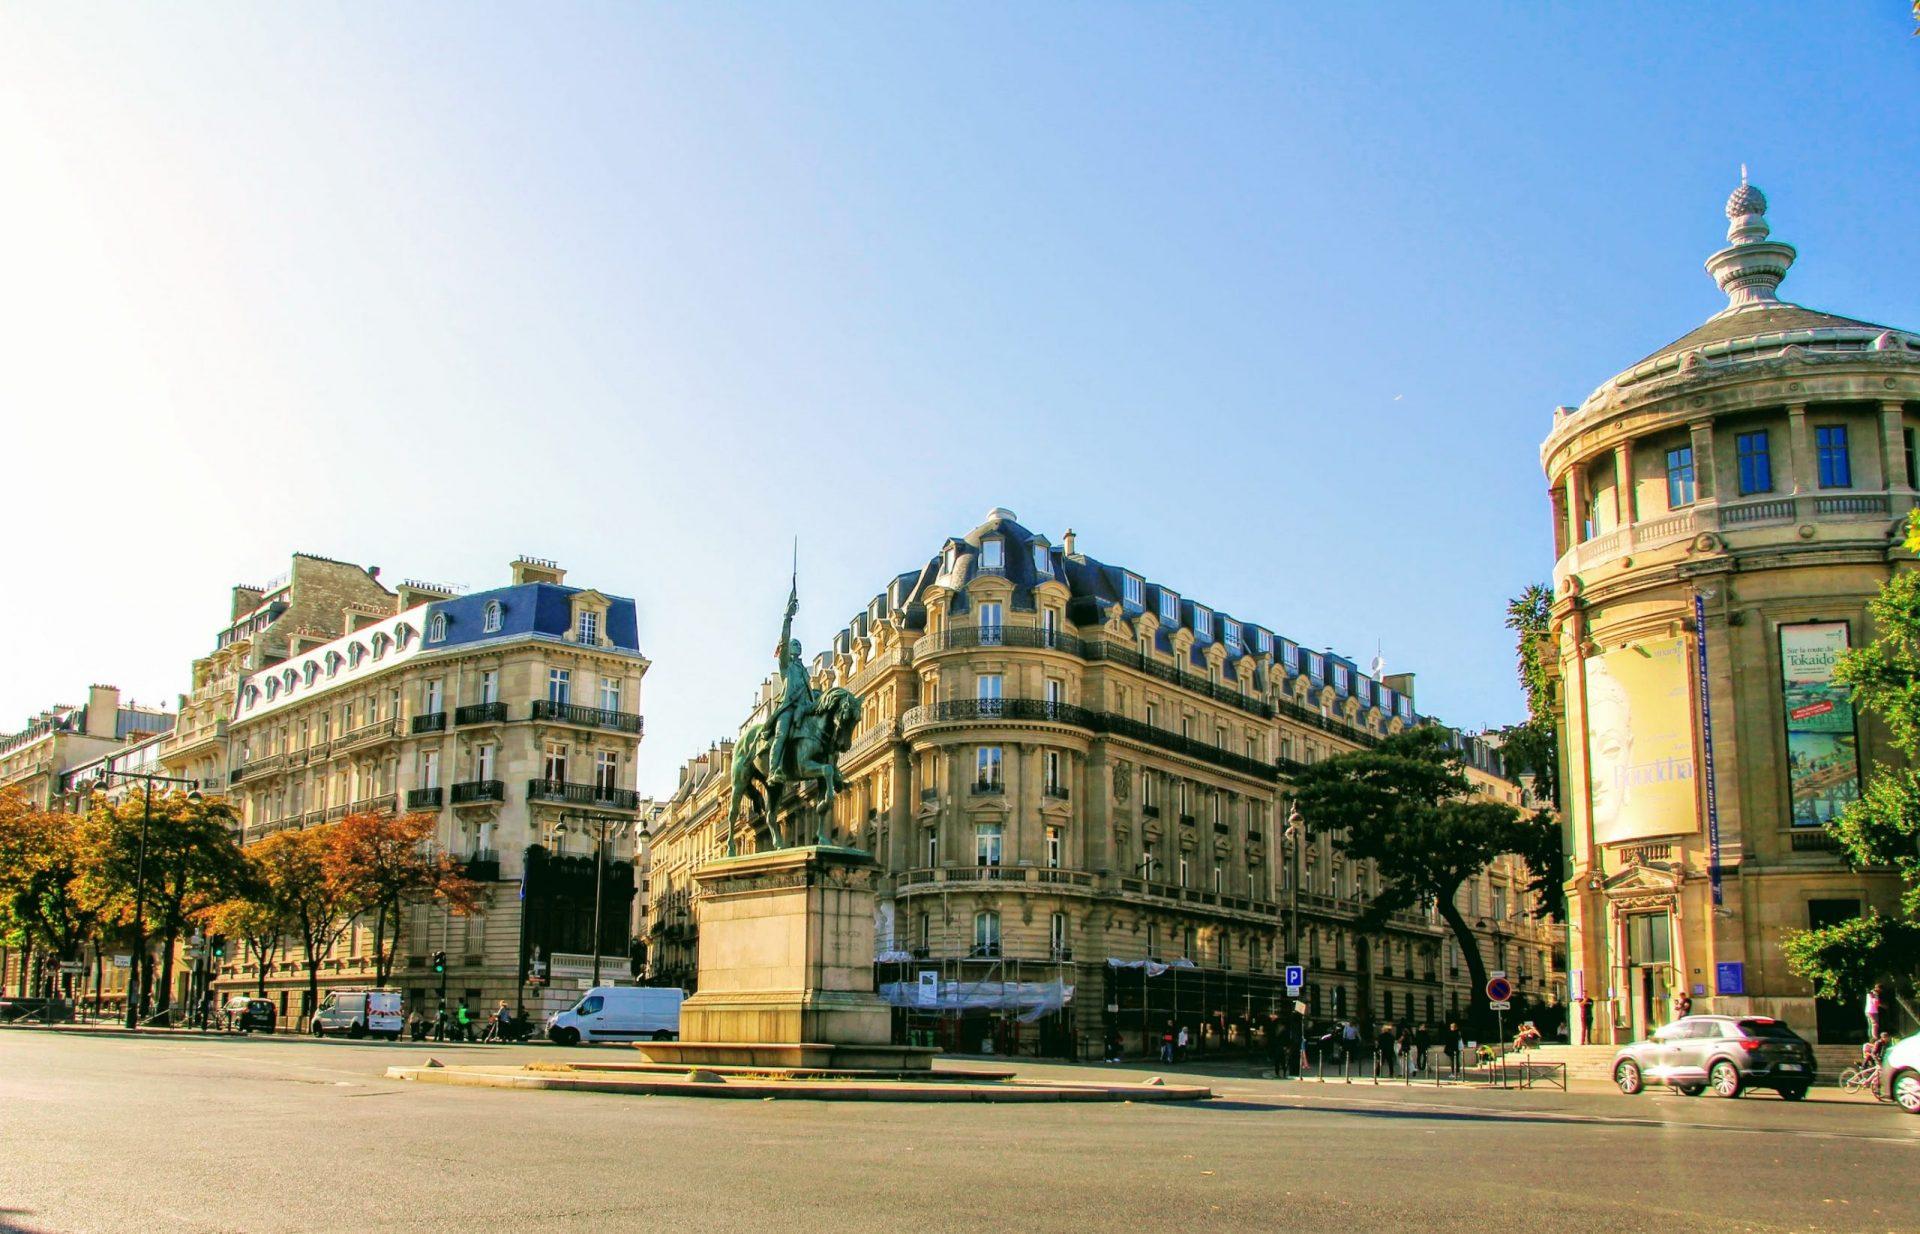 Памятник Вашингтону перед Музеем Гиме, Париж, Франция. Сентябрь, 2019